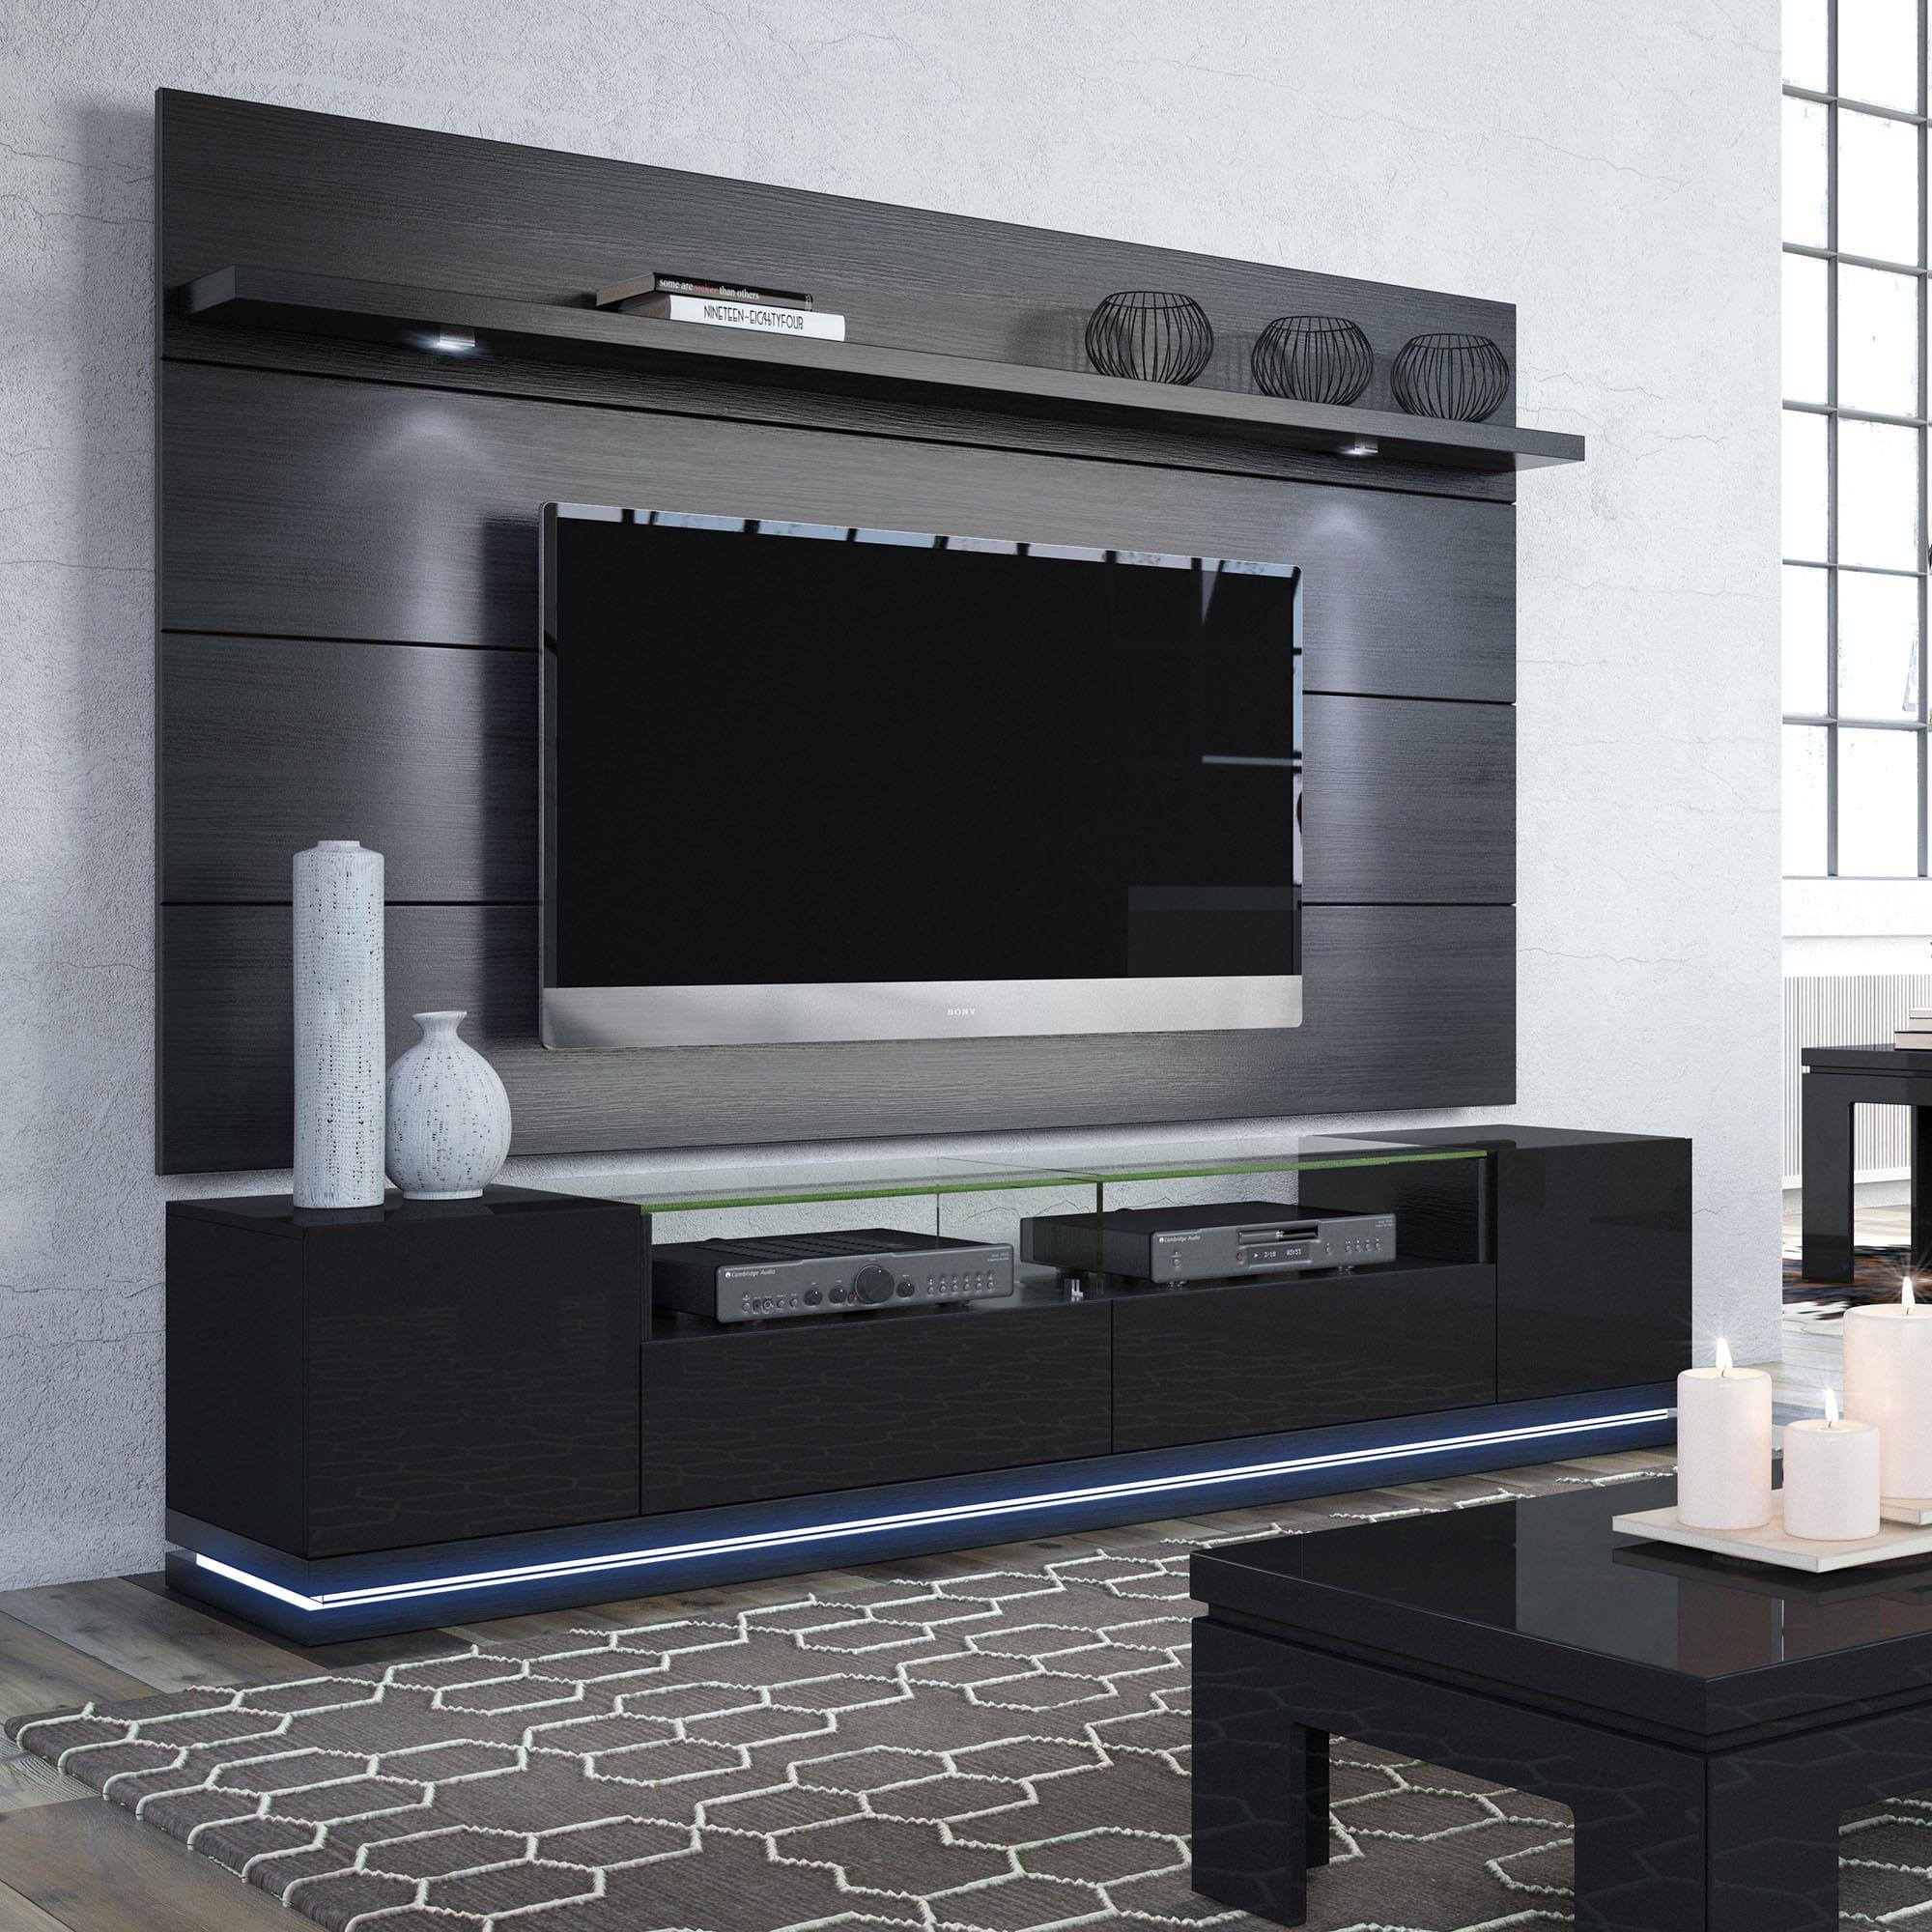 vanderbilt black gloss black matte tv stand cabrini 2 2 floating wall tv panel w led lights. Black Bedroom Furniture Sets. Home Design Ideas